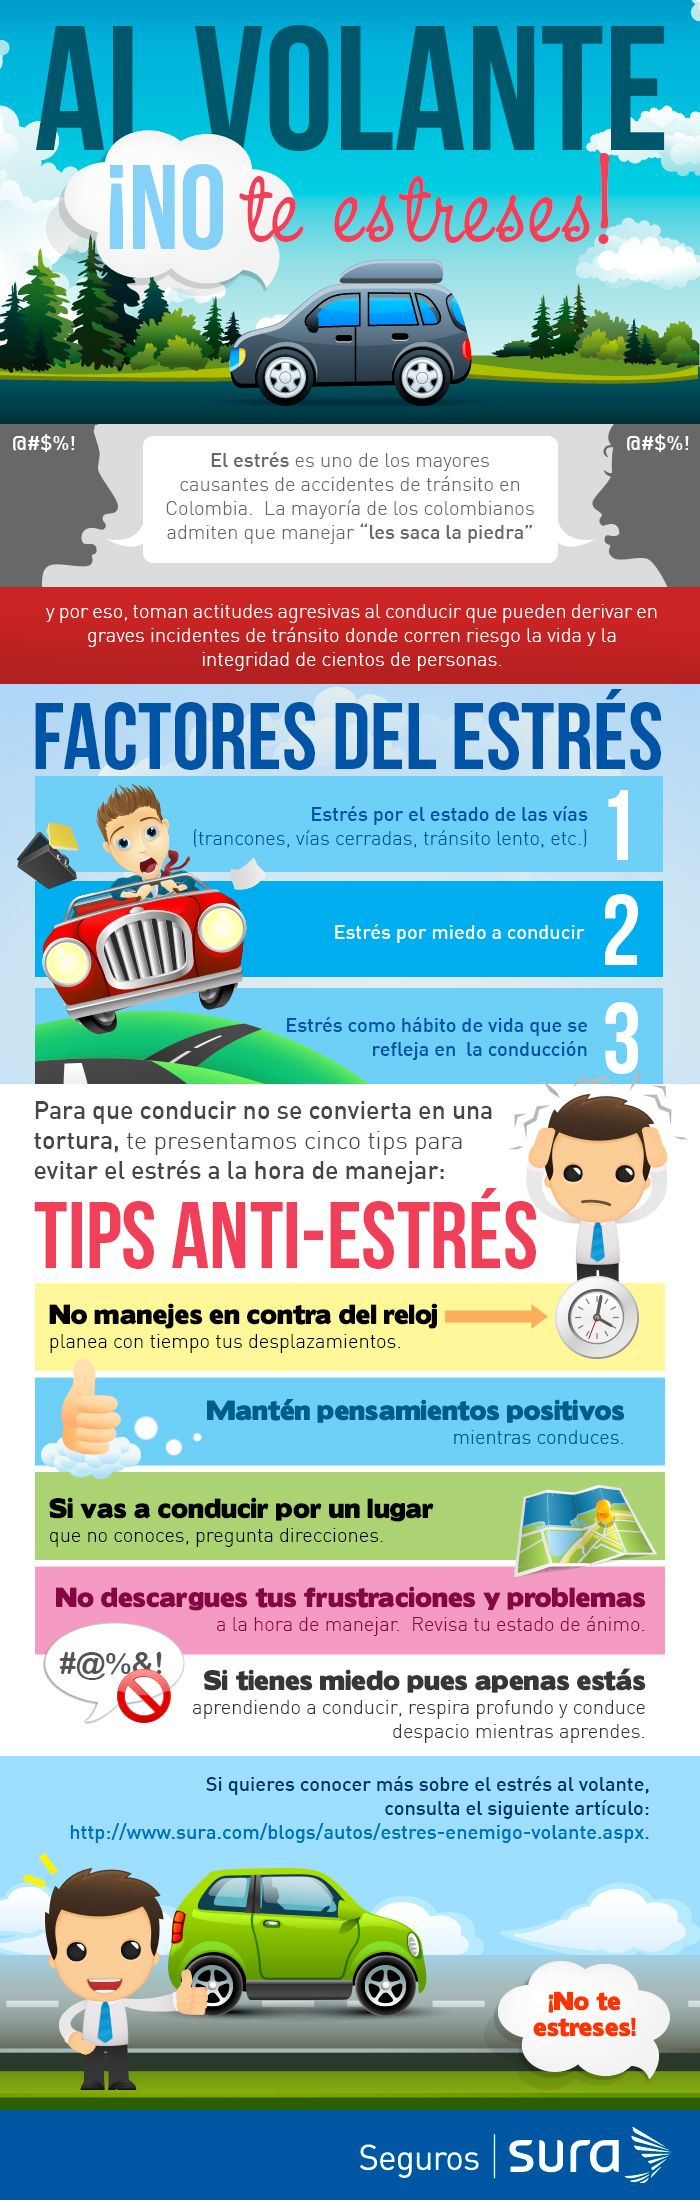 [Infografía] Al volante, ¡no te estreses!